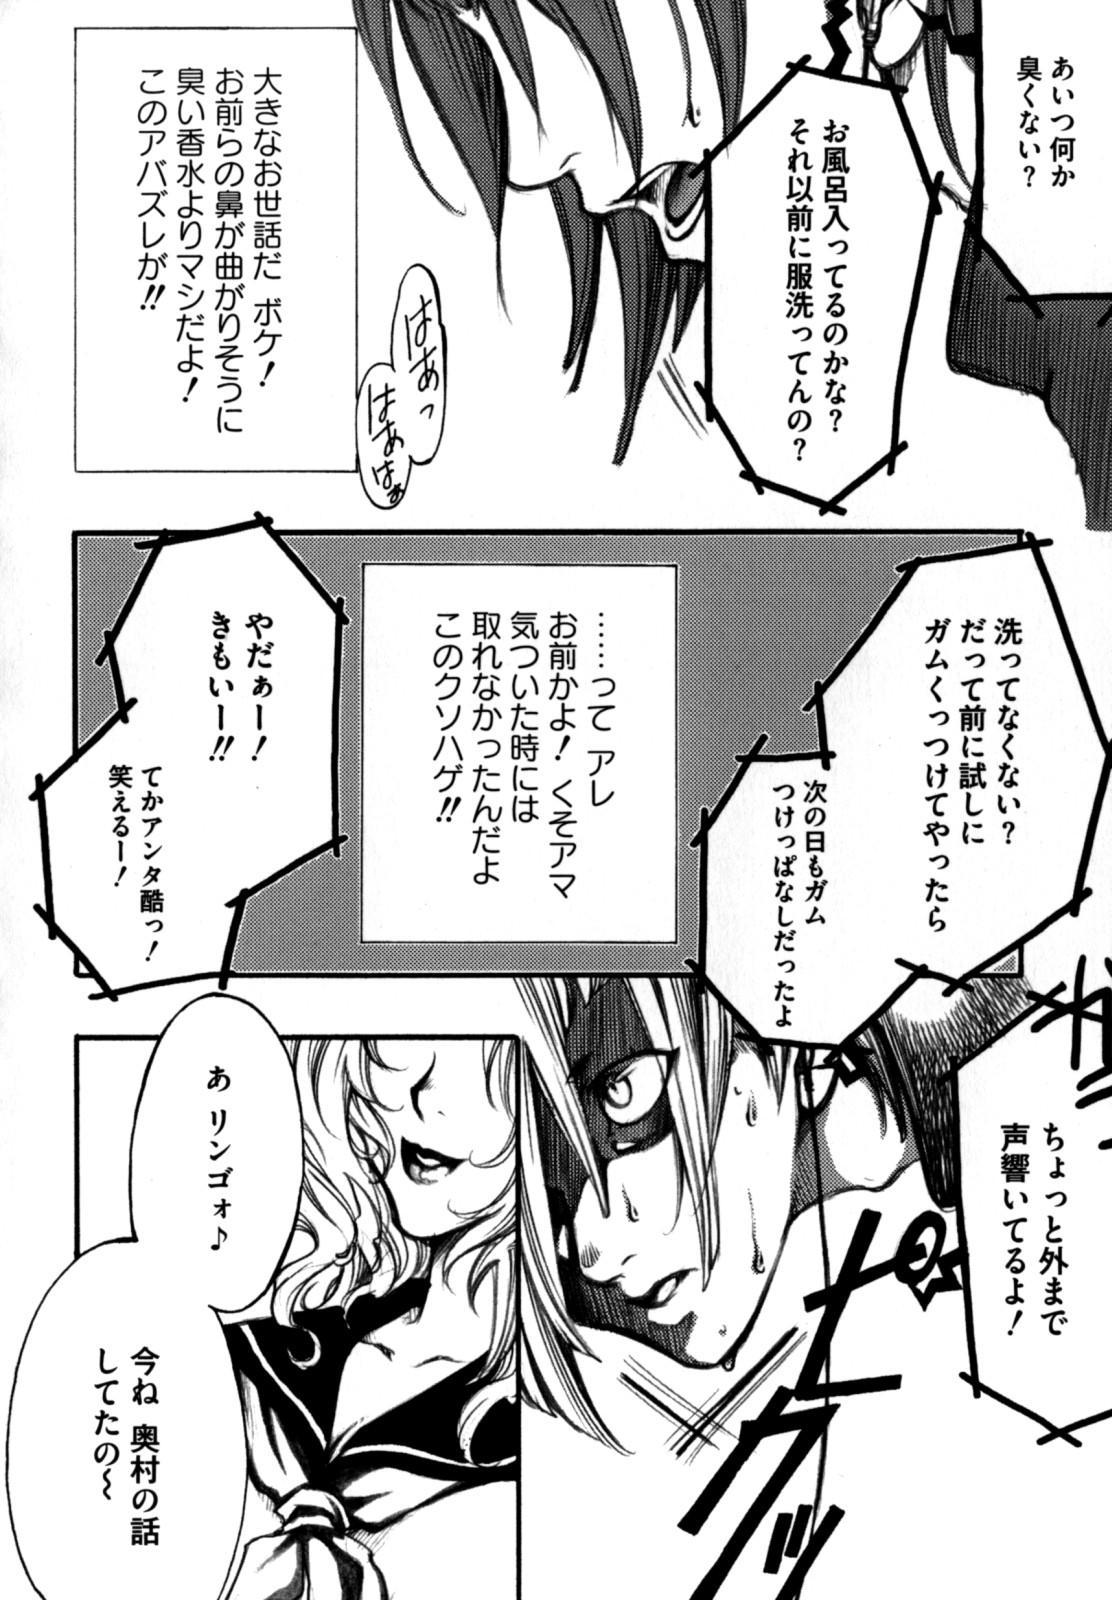 Shikijou no Erosu 91